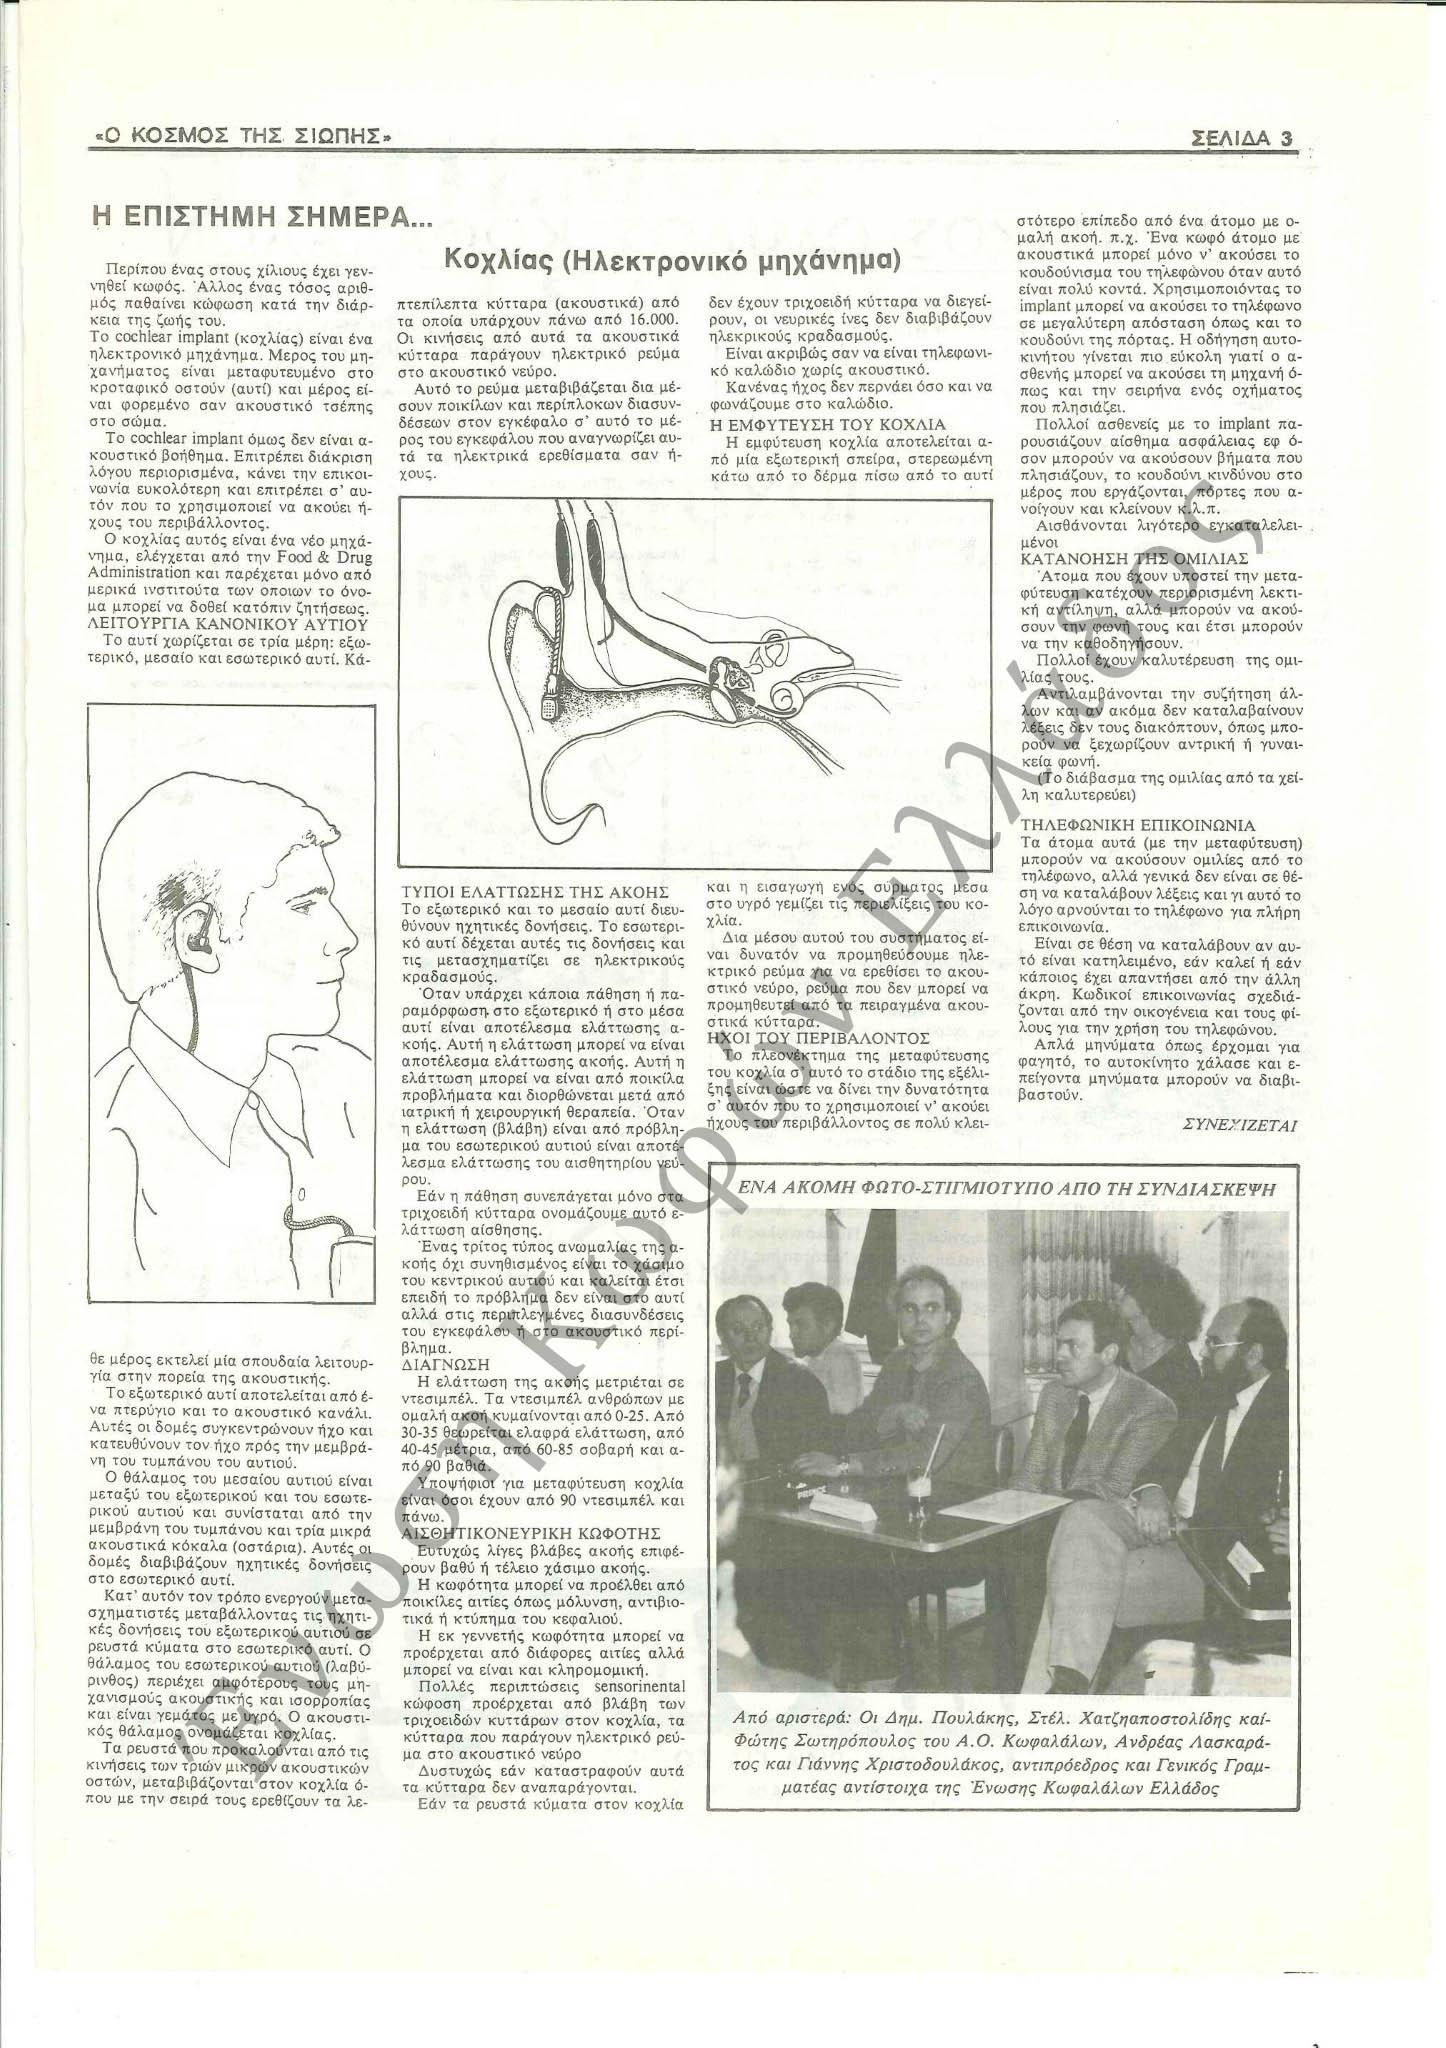 Ο Κόσμος της Σιωπής 1984-Μάιος 3